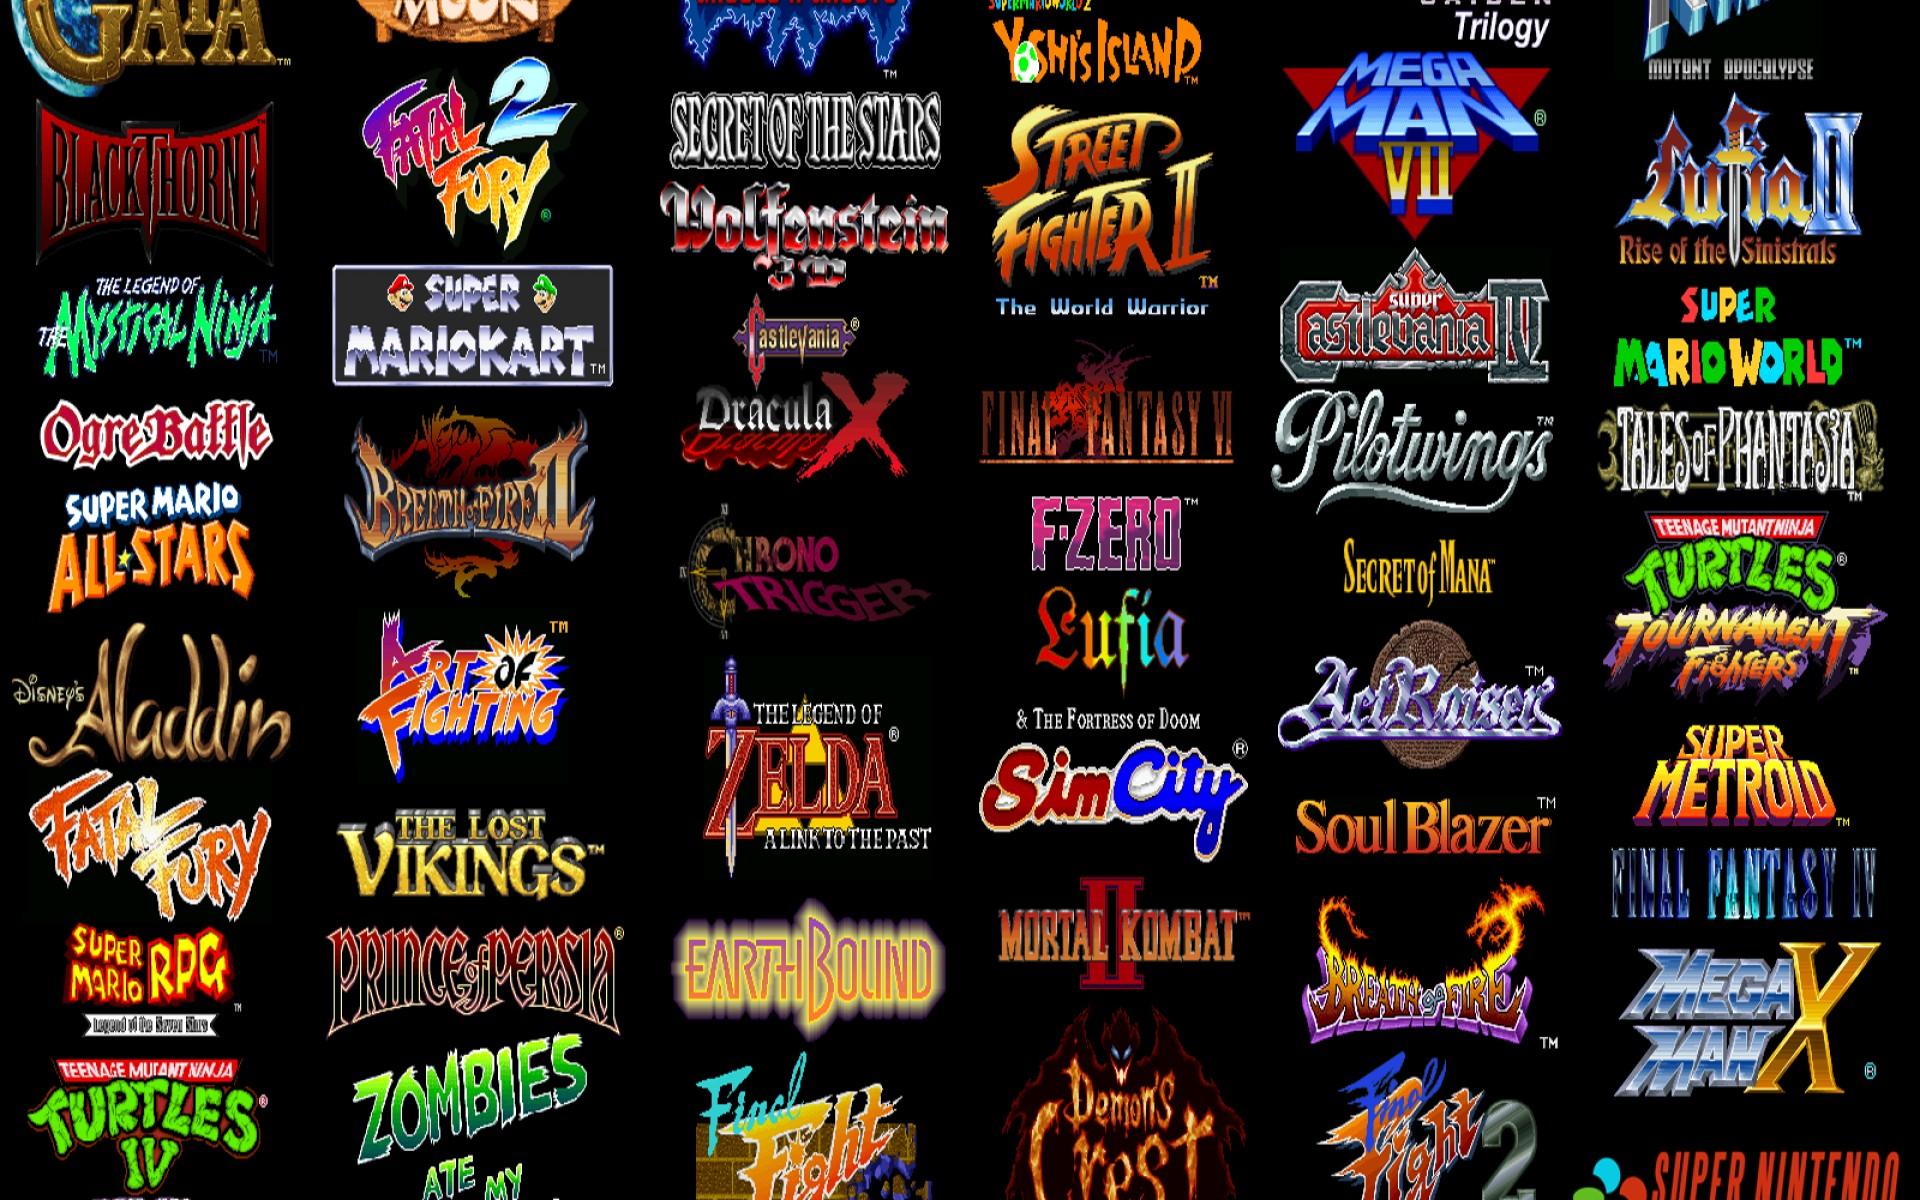 Video Games Super Nintendo Retro Games Wallpaper 1920x1200 1920x1200